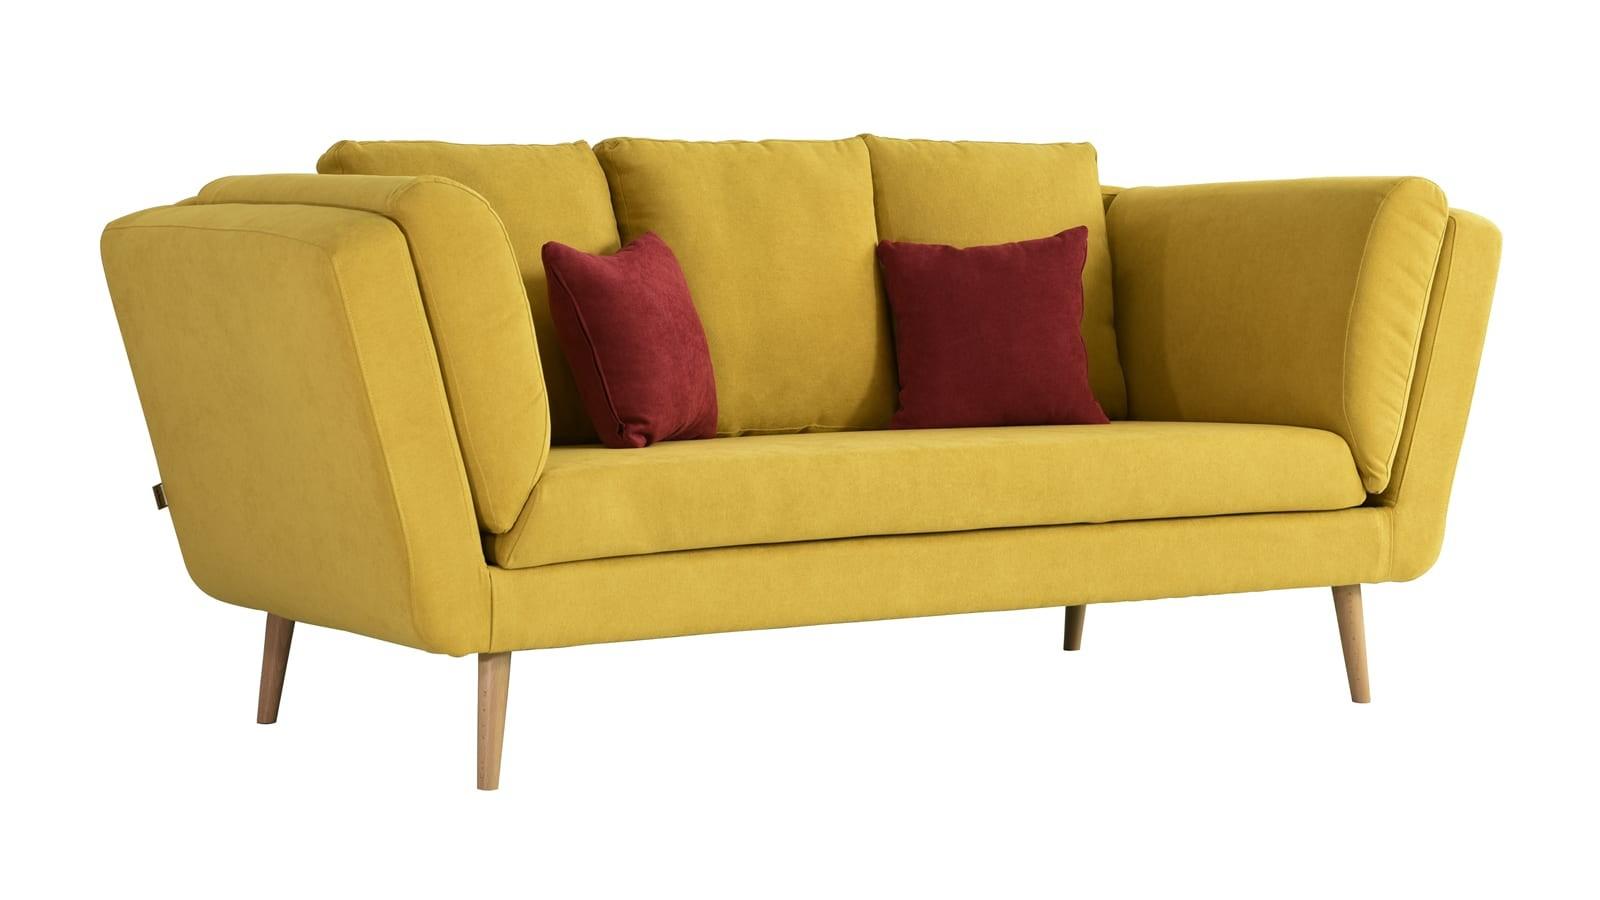 Canapé 3 places style scandinave en tissu jaune